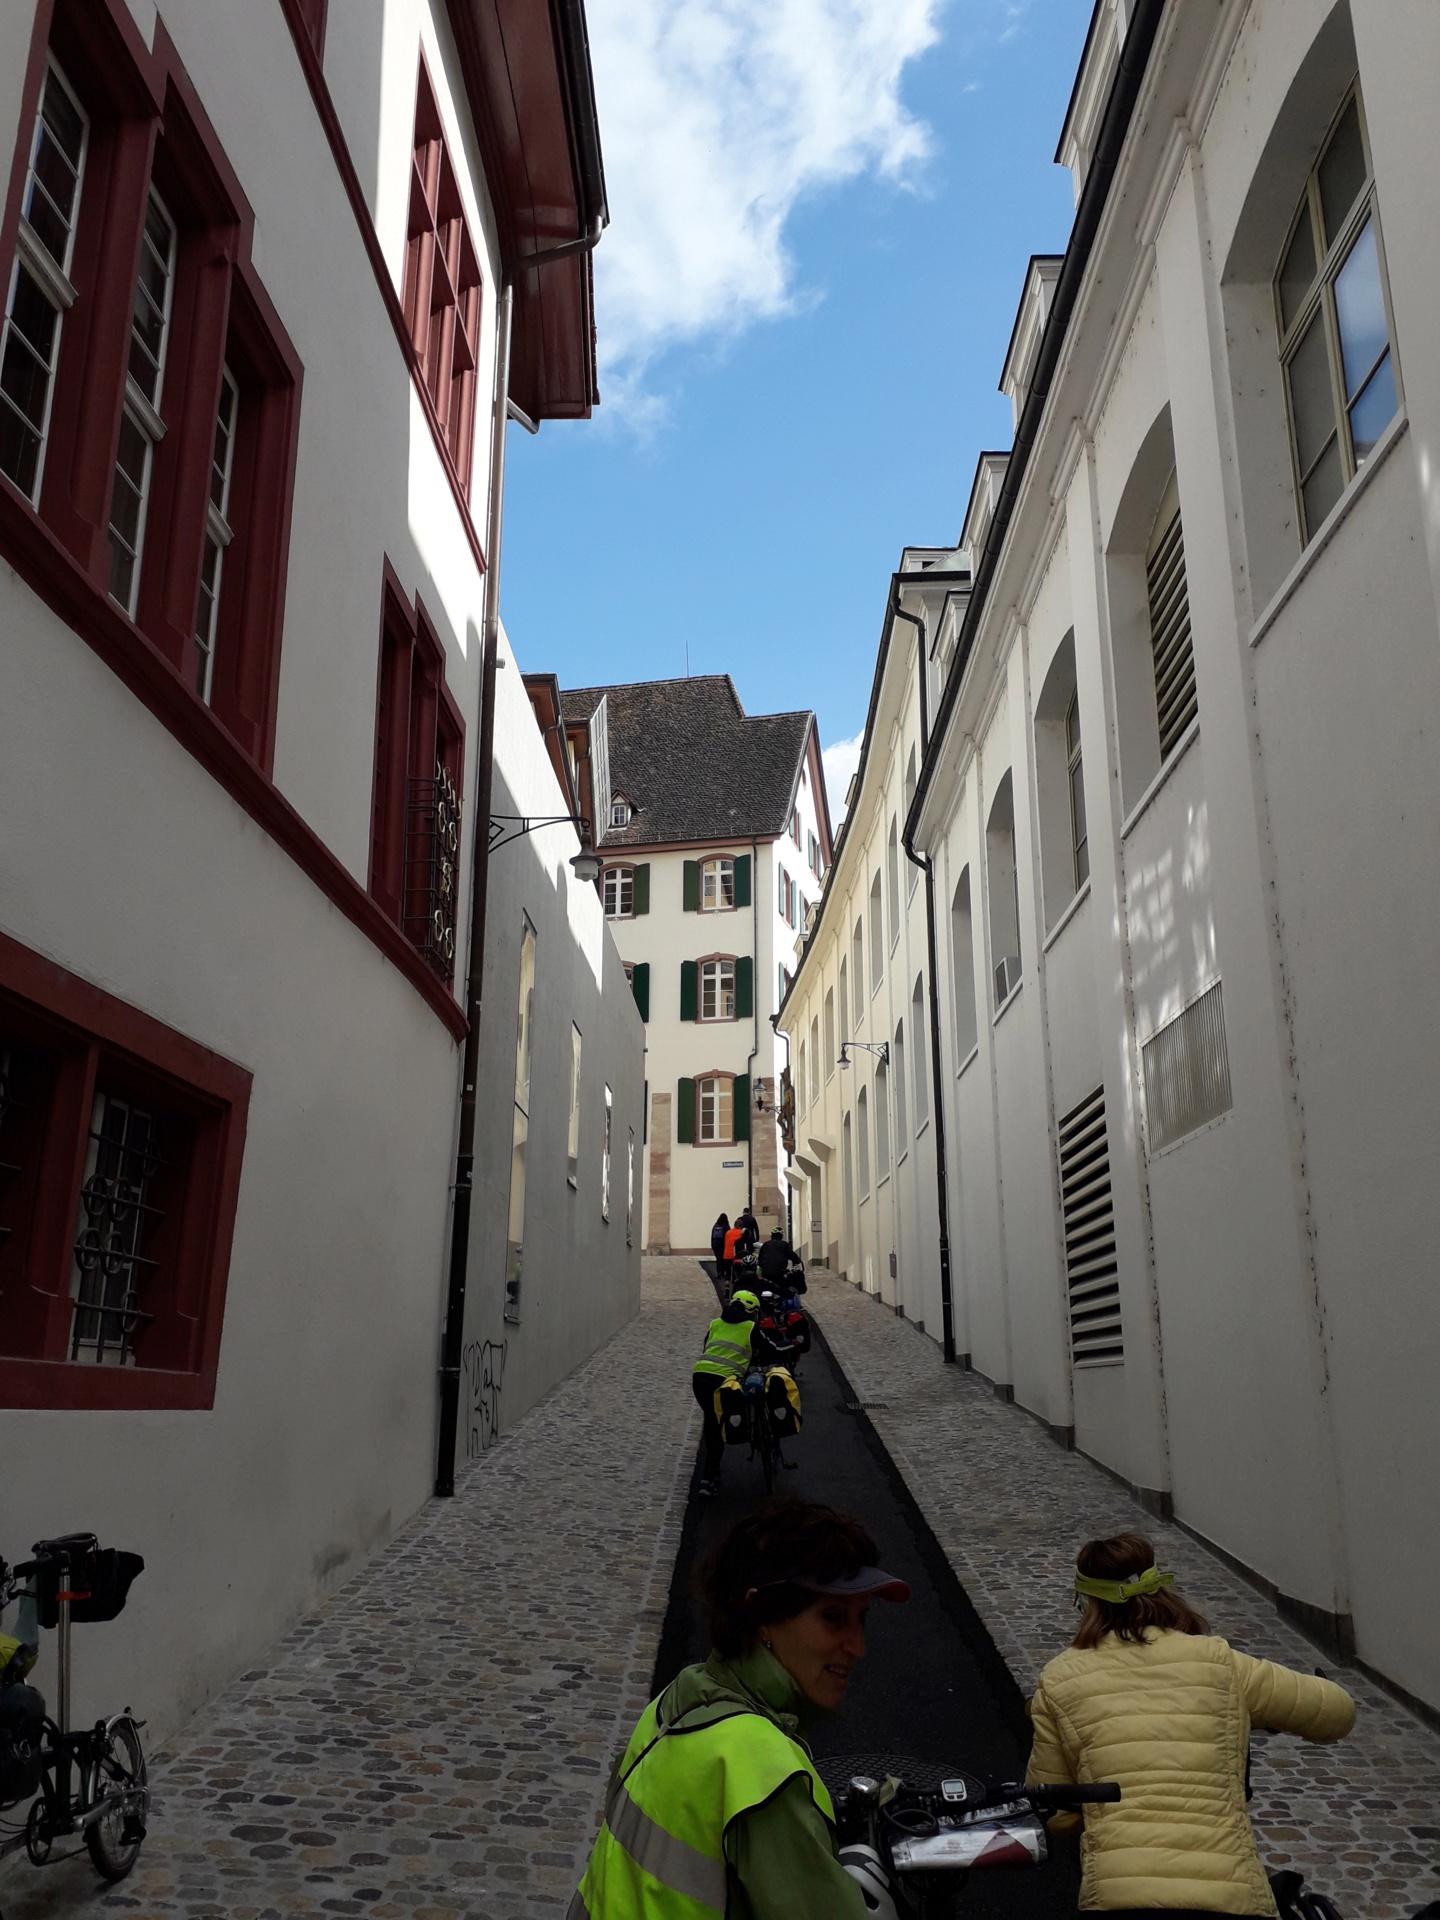 Balade à Mulhouse (12 mai 2019) 20190538